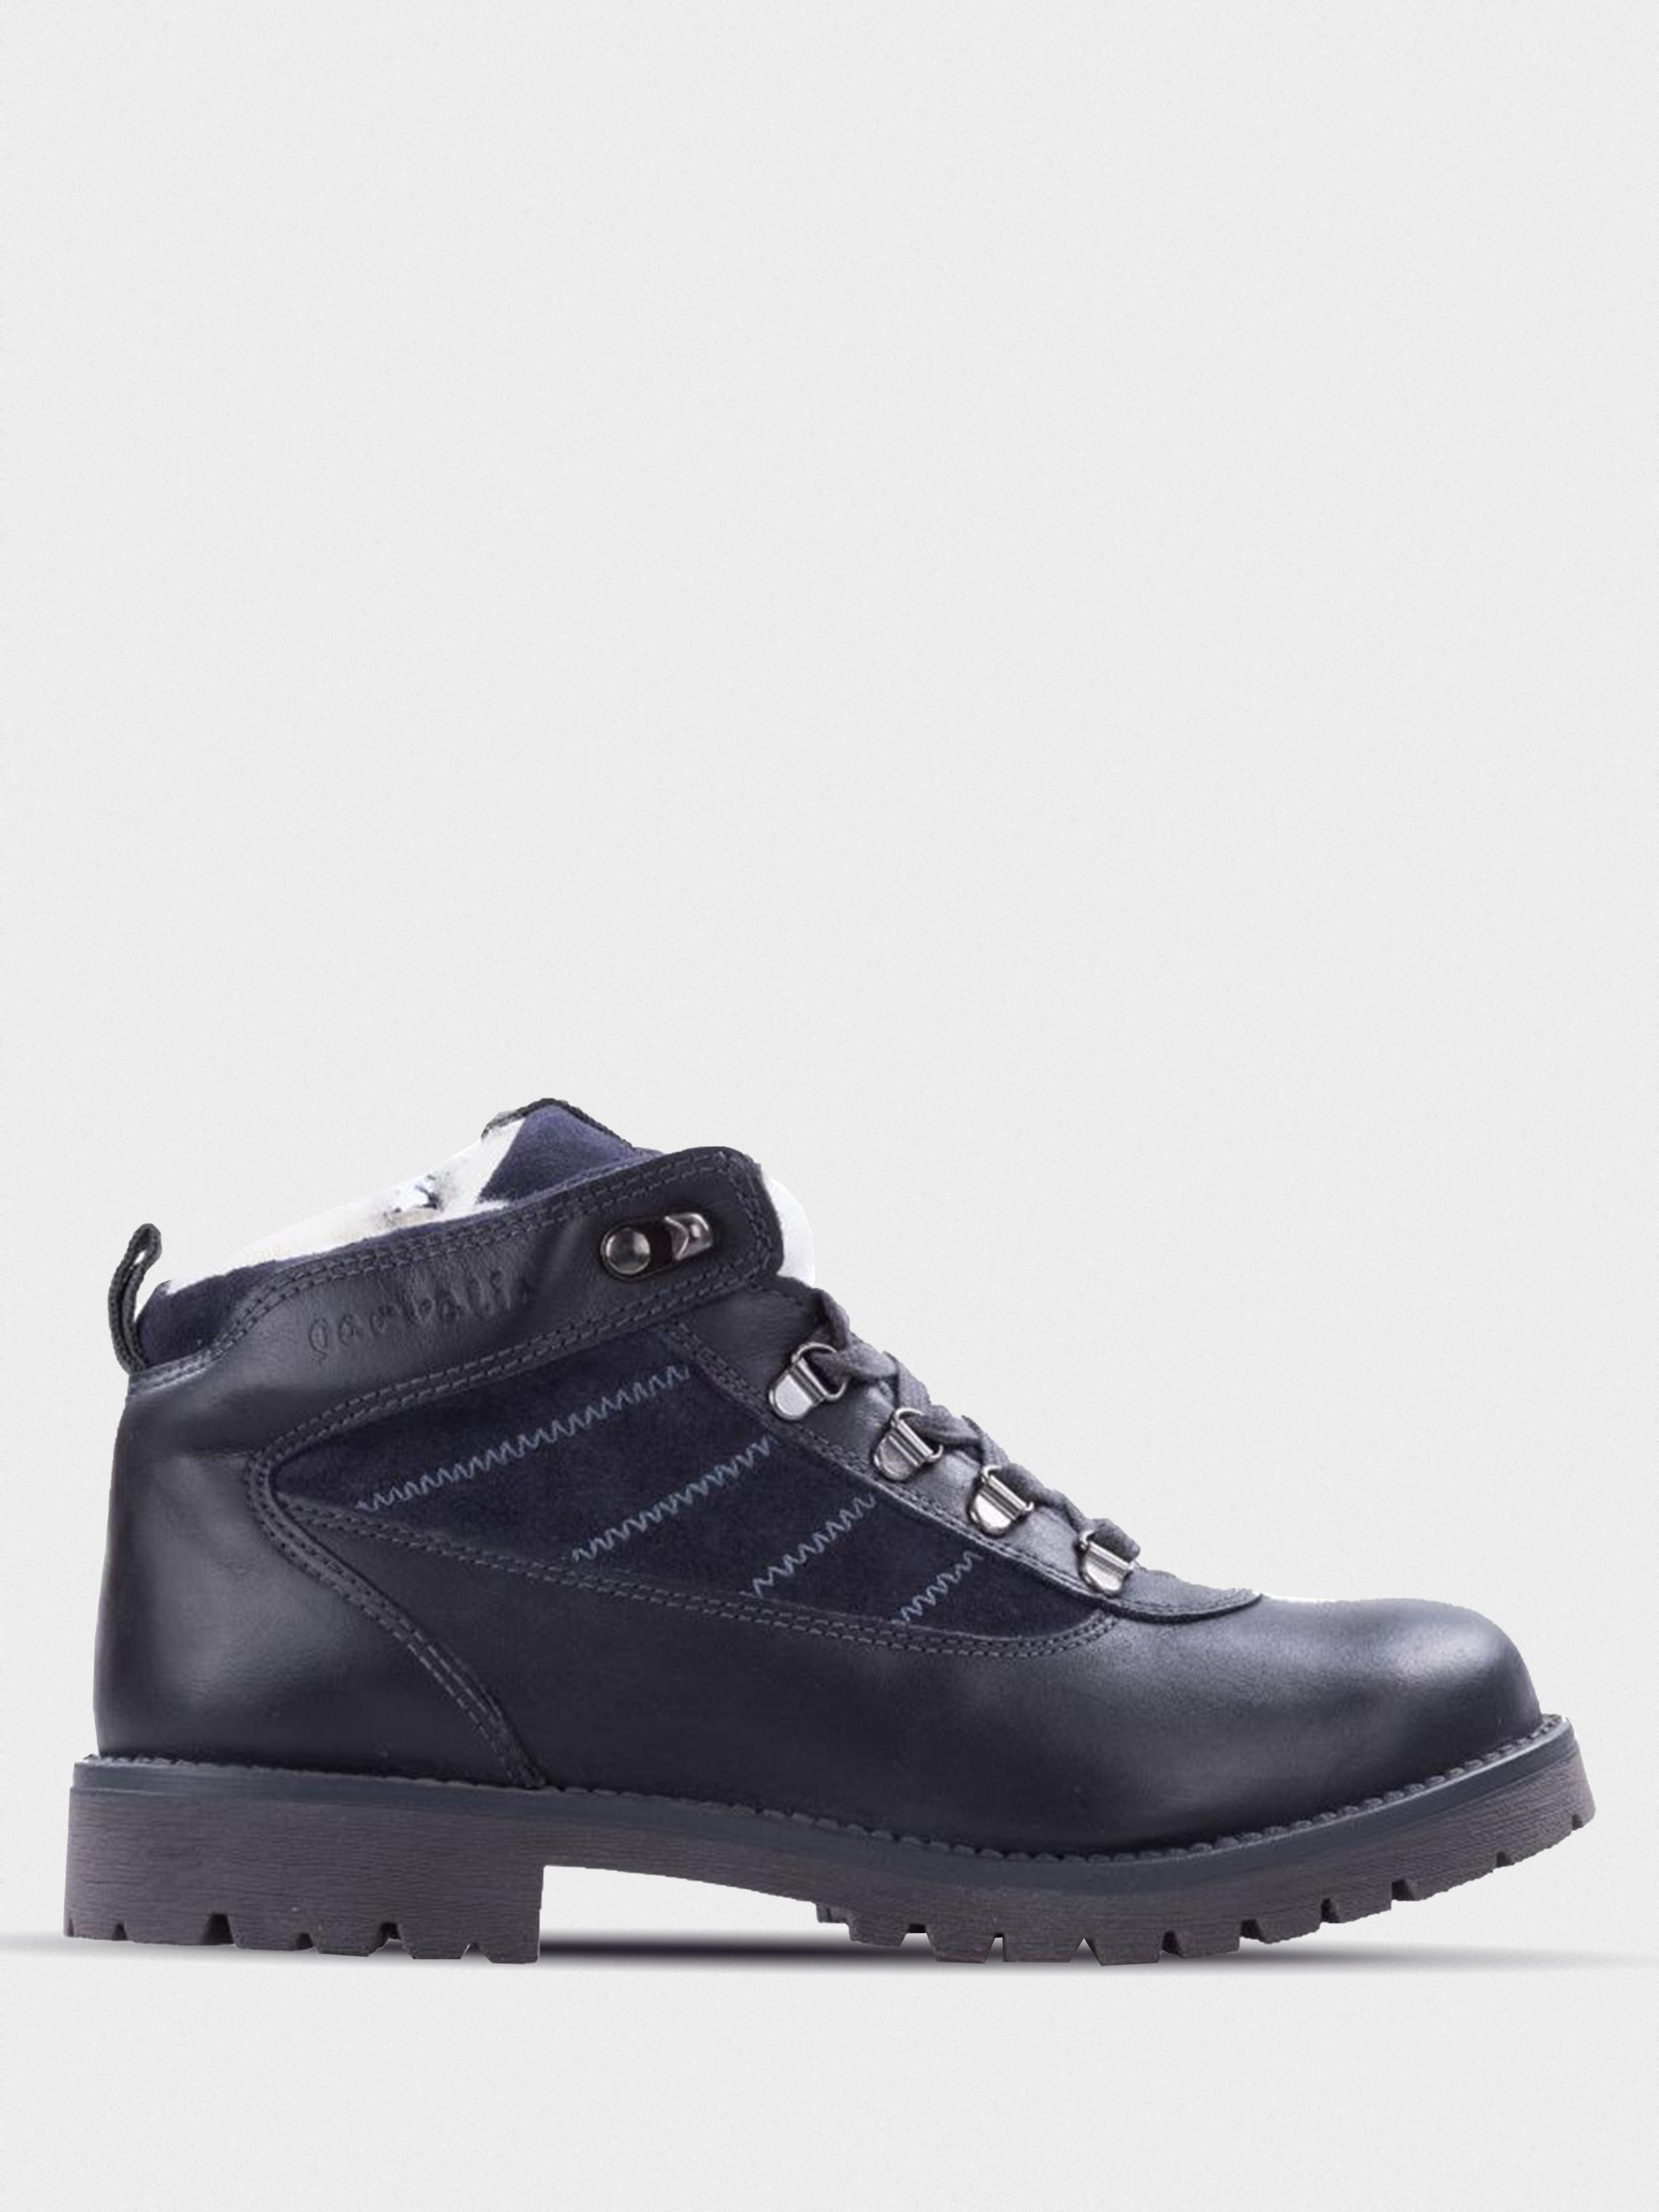 Ботинки для детей Garvalin GL562 брендовые, 2017